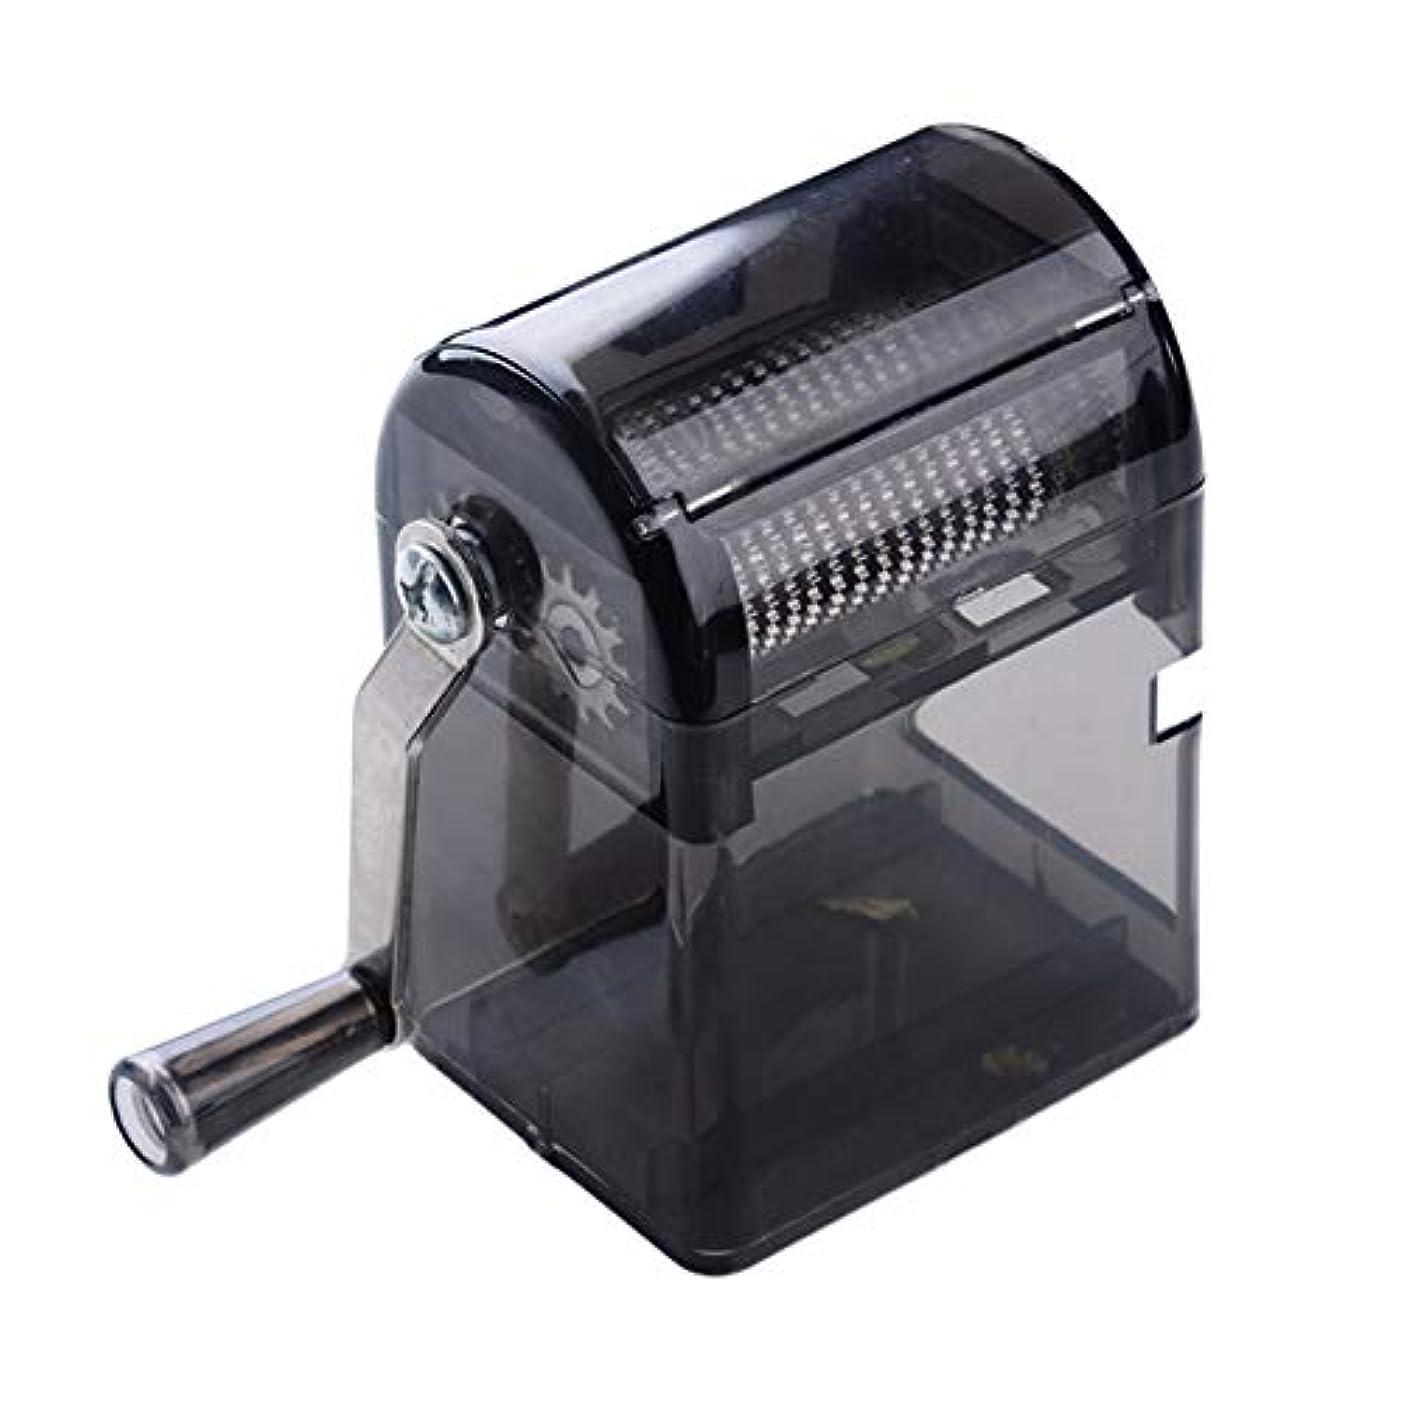 混乱した教えるゴシップSaikogoods シンプルなデザイン手回しタバコグラインダー耐久性のある利用タバコハーブスパイスクラッシャーマニュアルミュラータバコ用品 黒